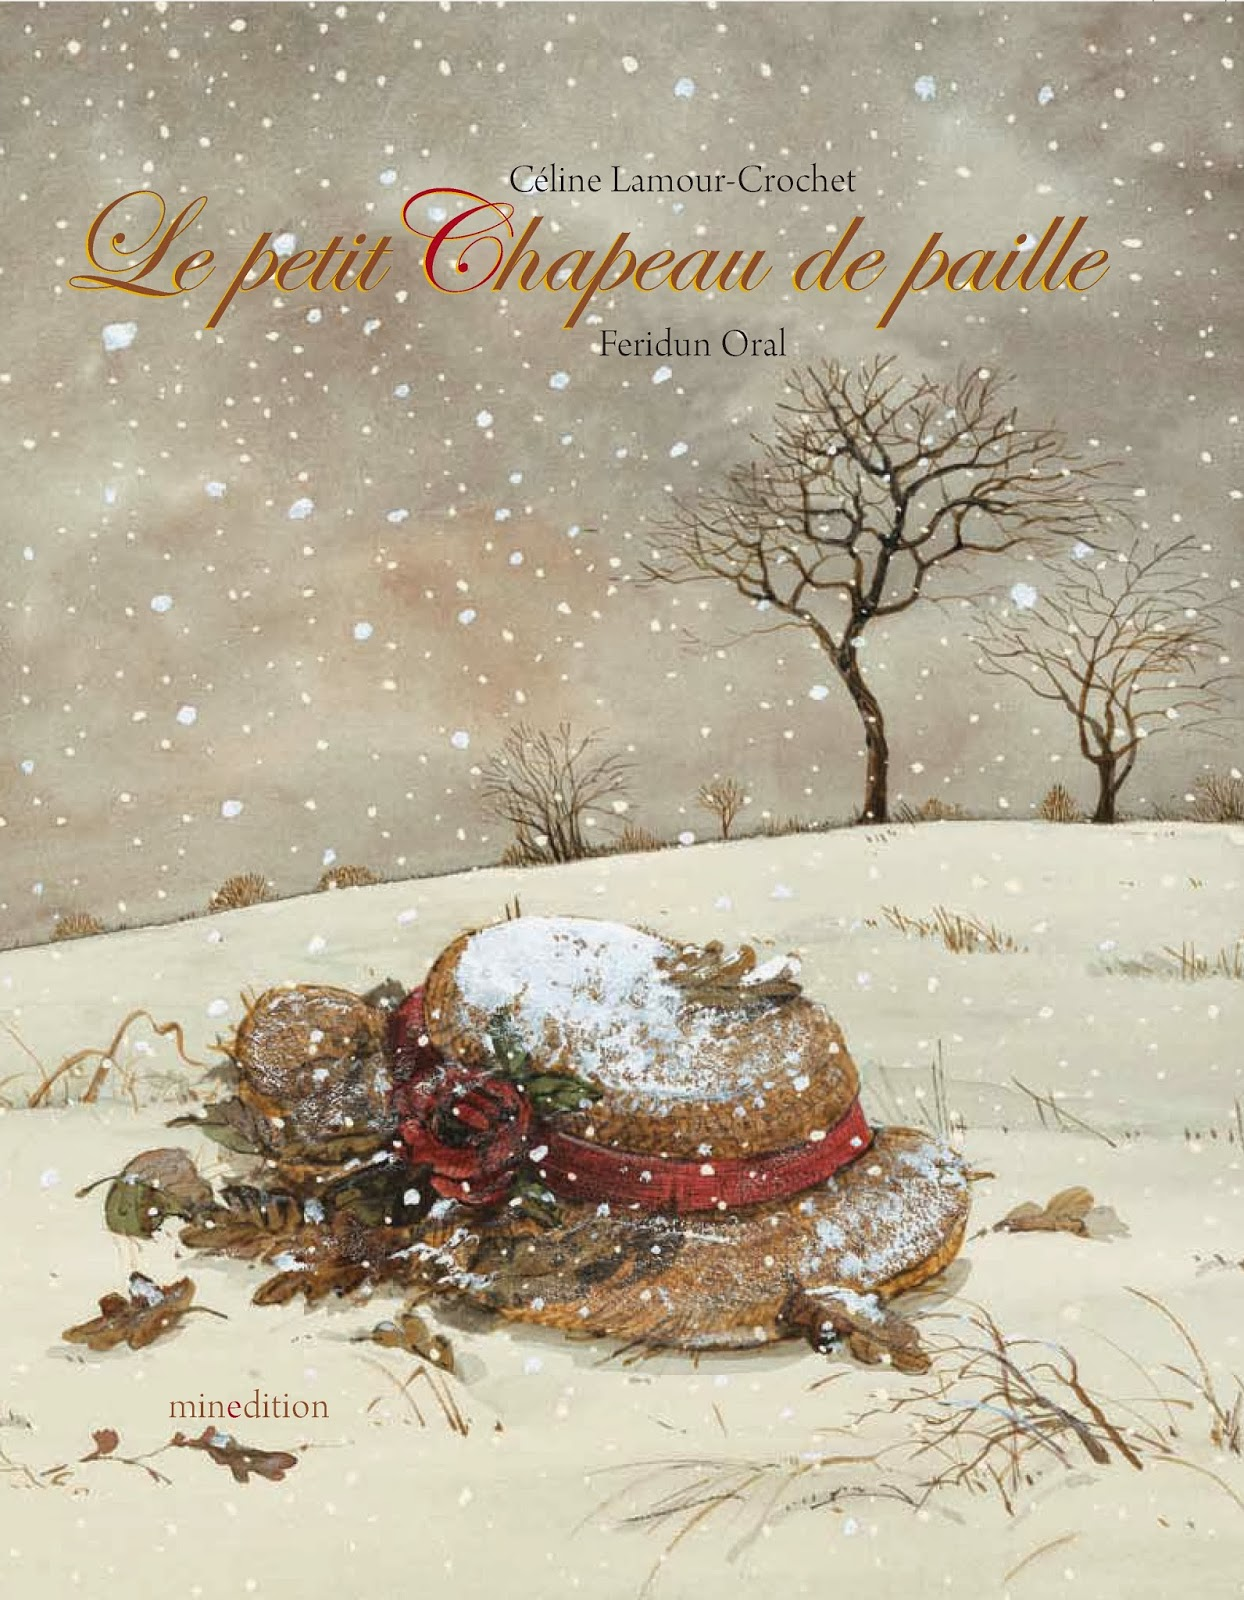 http://www.amazon.fr/petit-chapeau-paille-C%C3%A9line-Lamour-Crochet/dp/235413164X/ref=sr_1_13?s=books&ie=UTF8&qid=1389861540&sr=1-13&keywords=c%C3%A9line+lamour-crochet